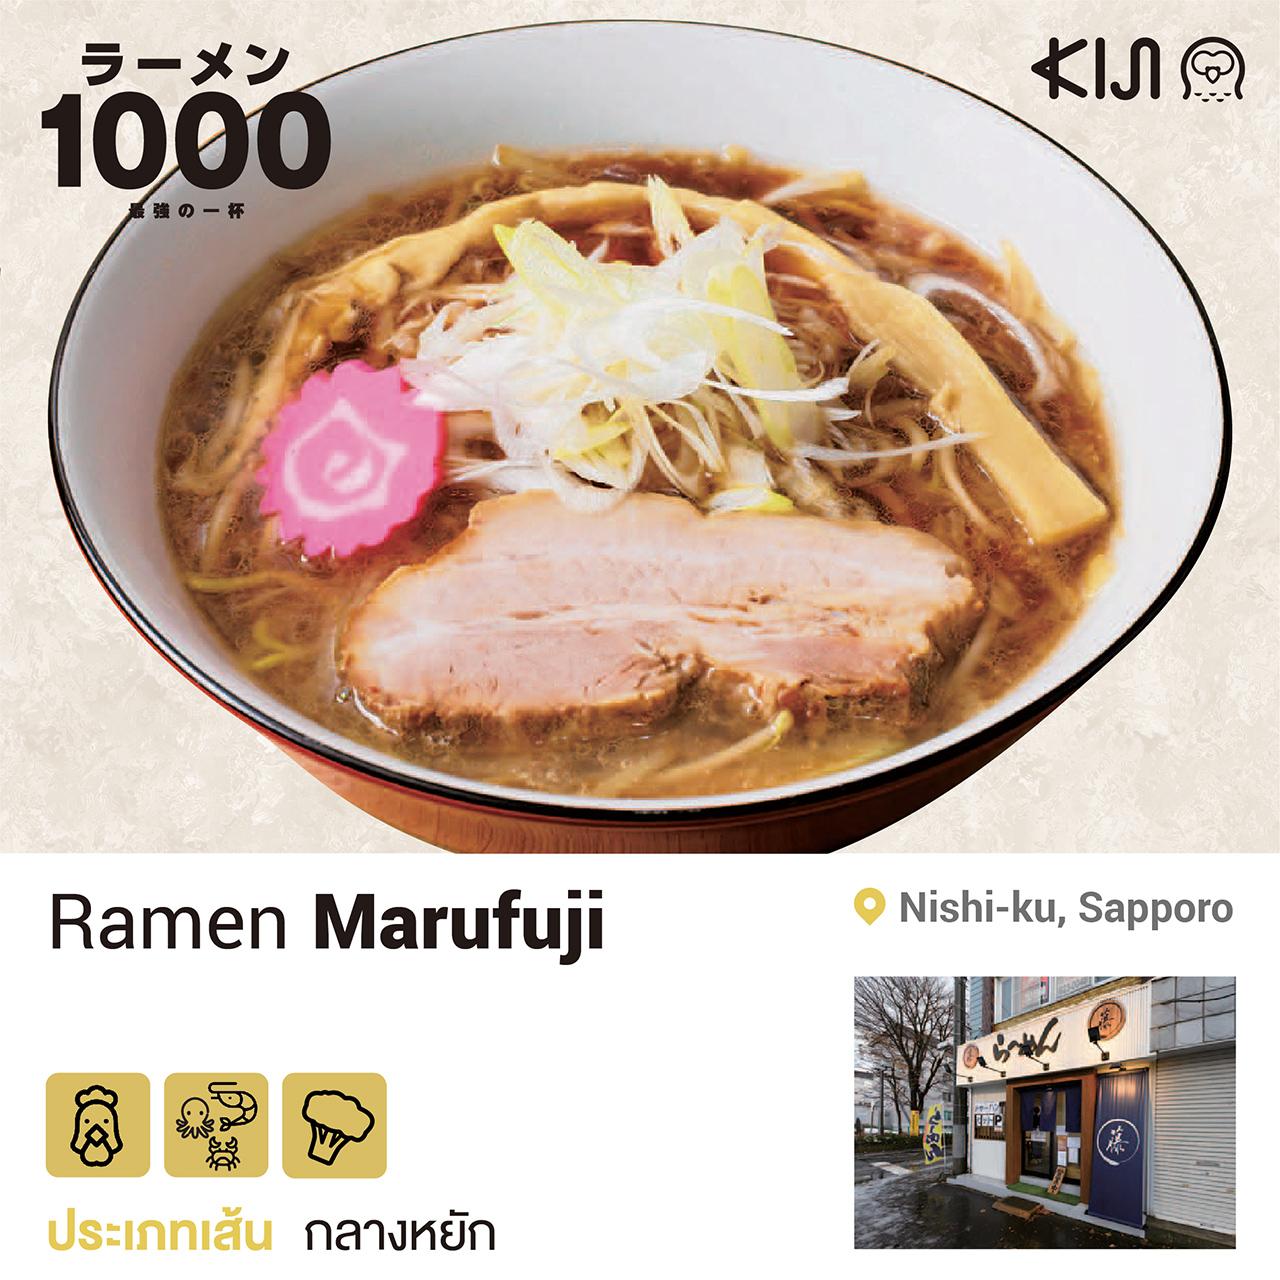 ร้านราเมน เขตนิชิ เมืองซัปโปโร จ.ฮอกไกโด - Ramen Marufuji